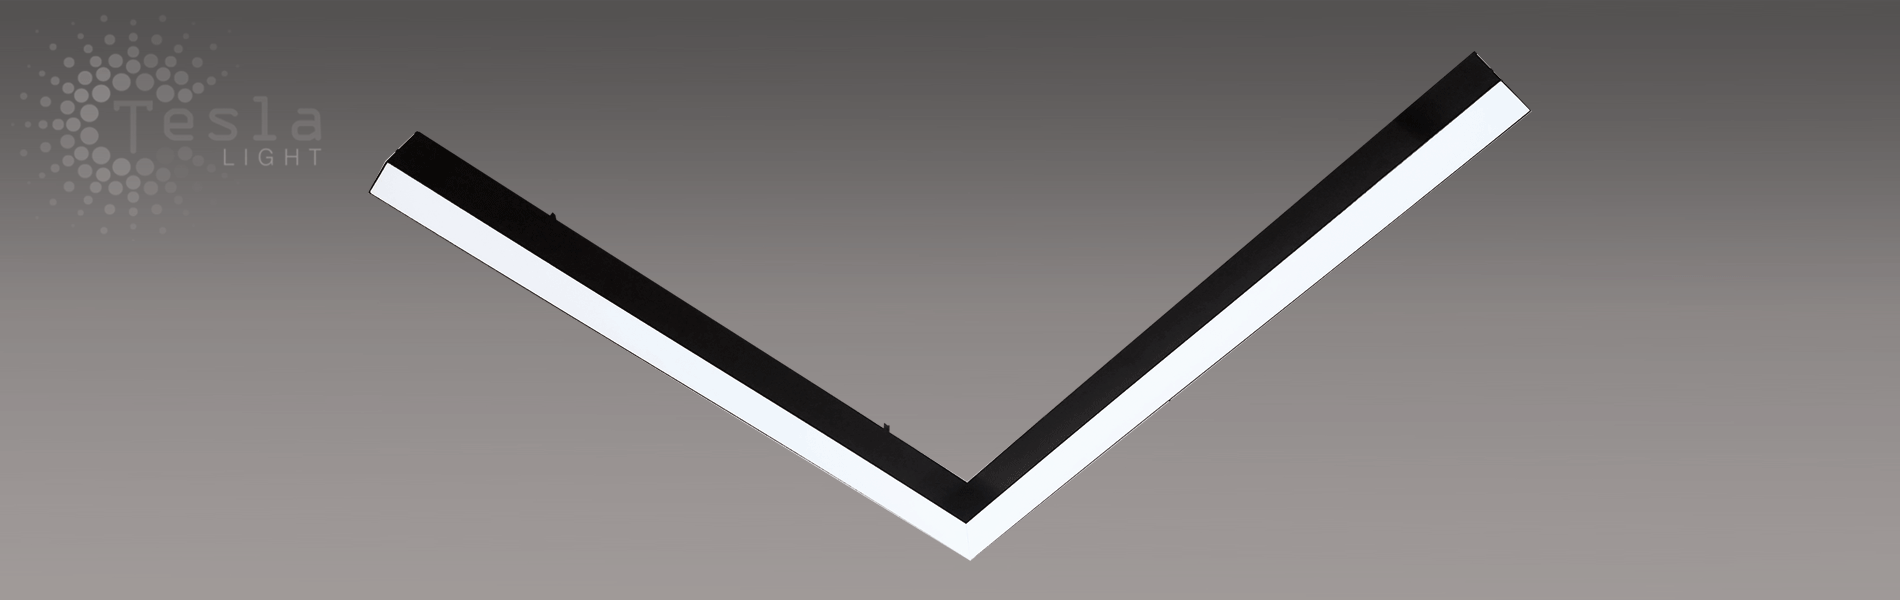 viktorija-1900x600-copy-clean